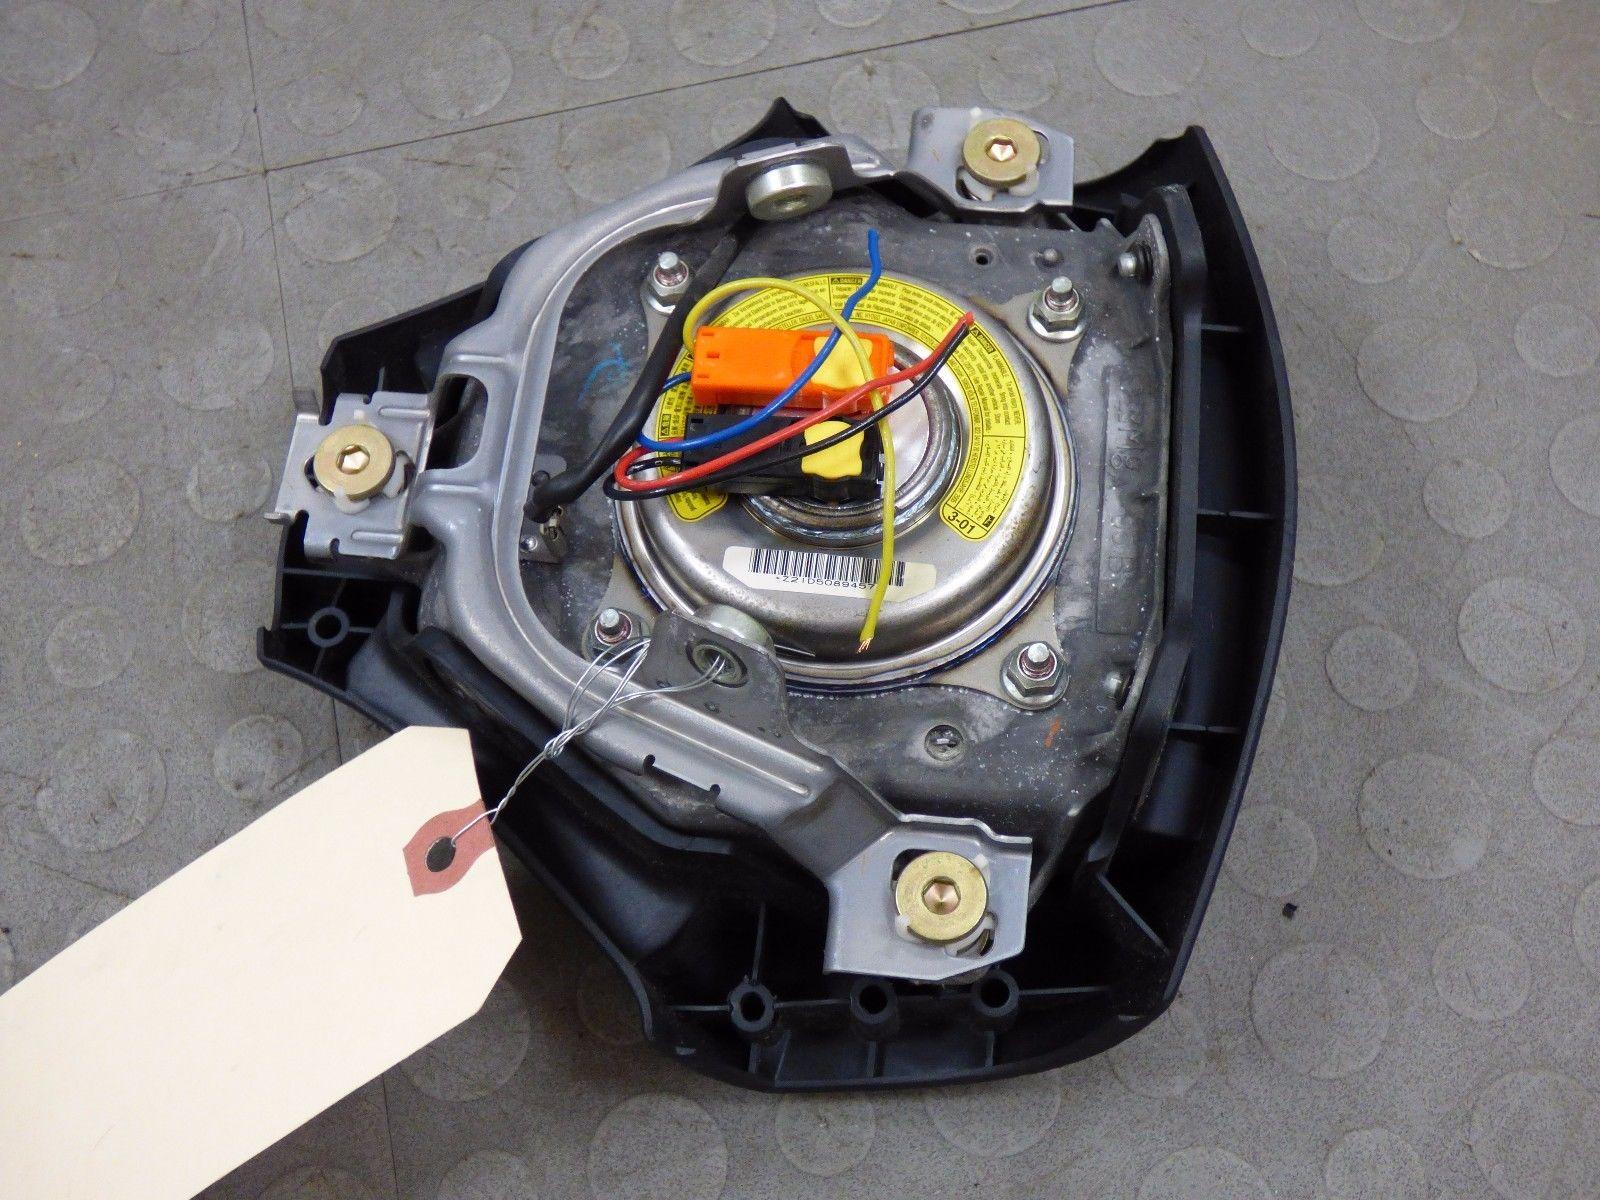 06 08 Lexus Rx400h Lh Drivers Wheel Airbag Air Bag Srs Black A Wiring